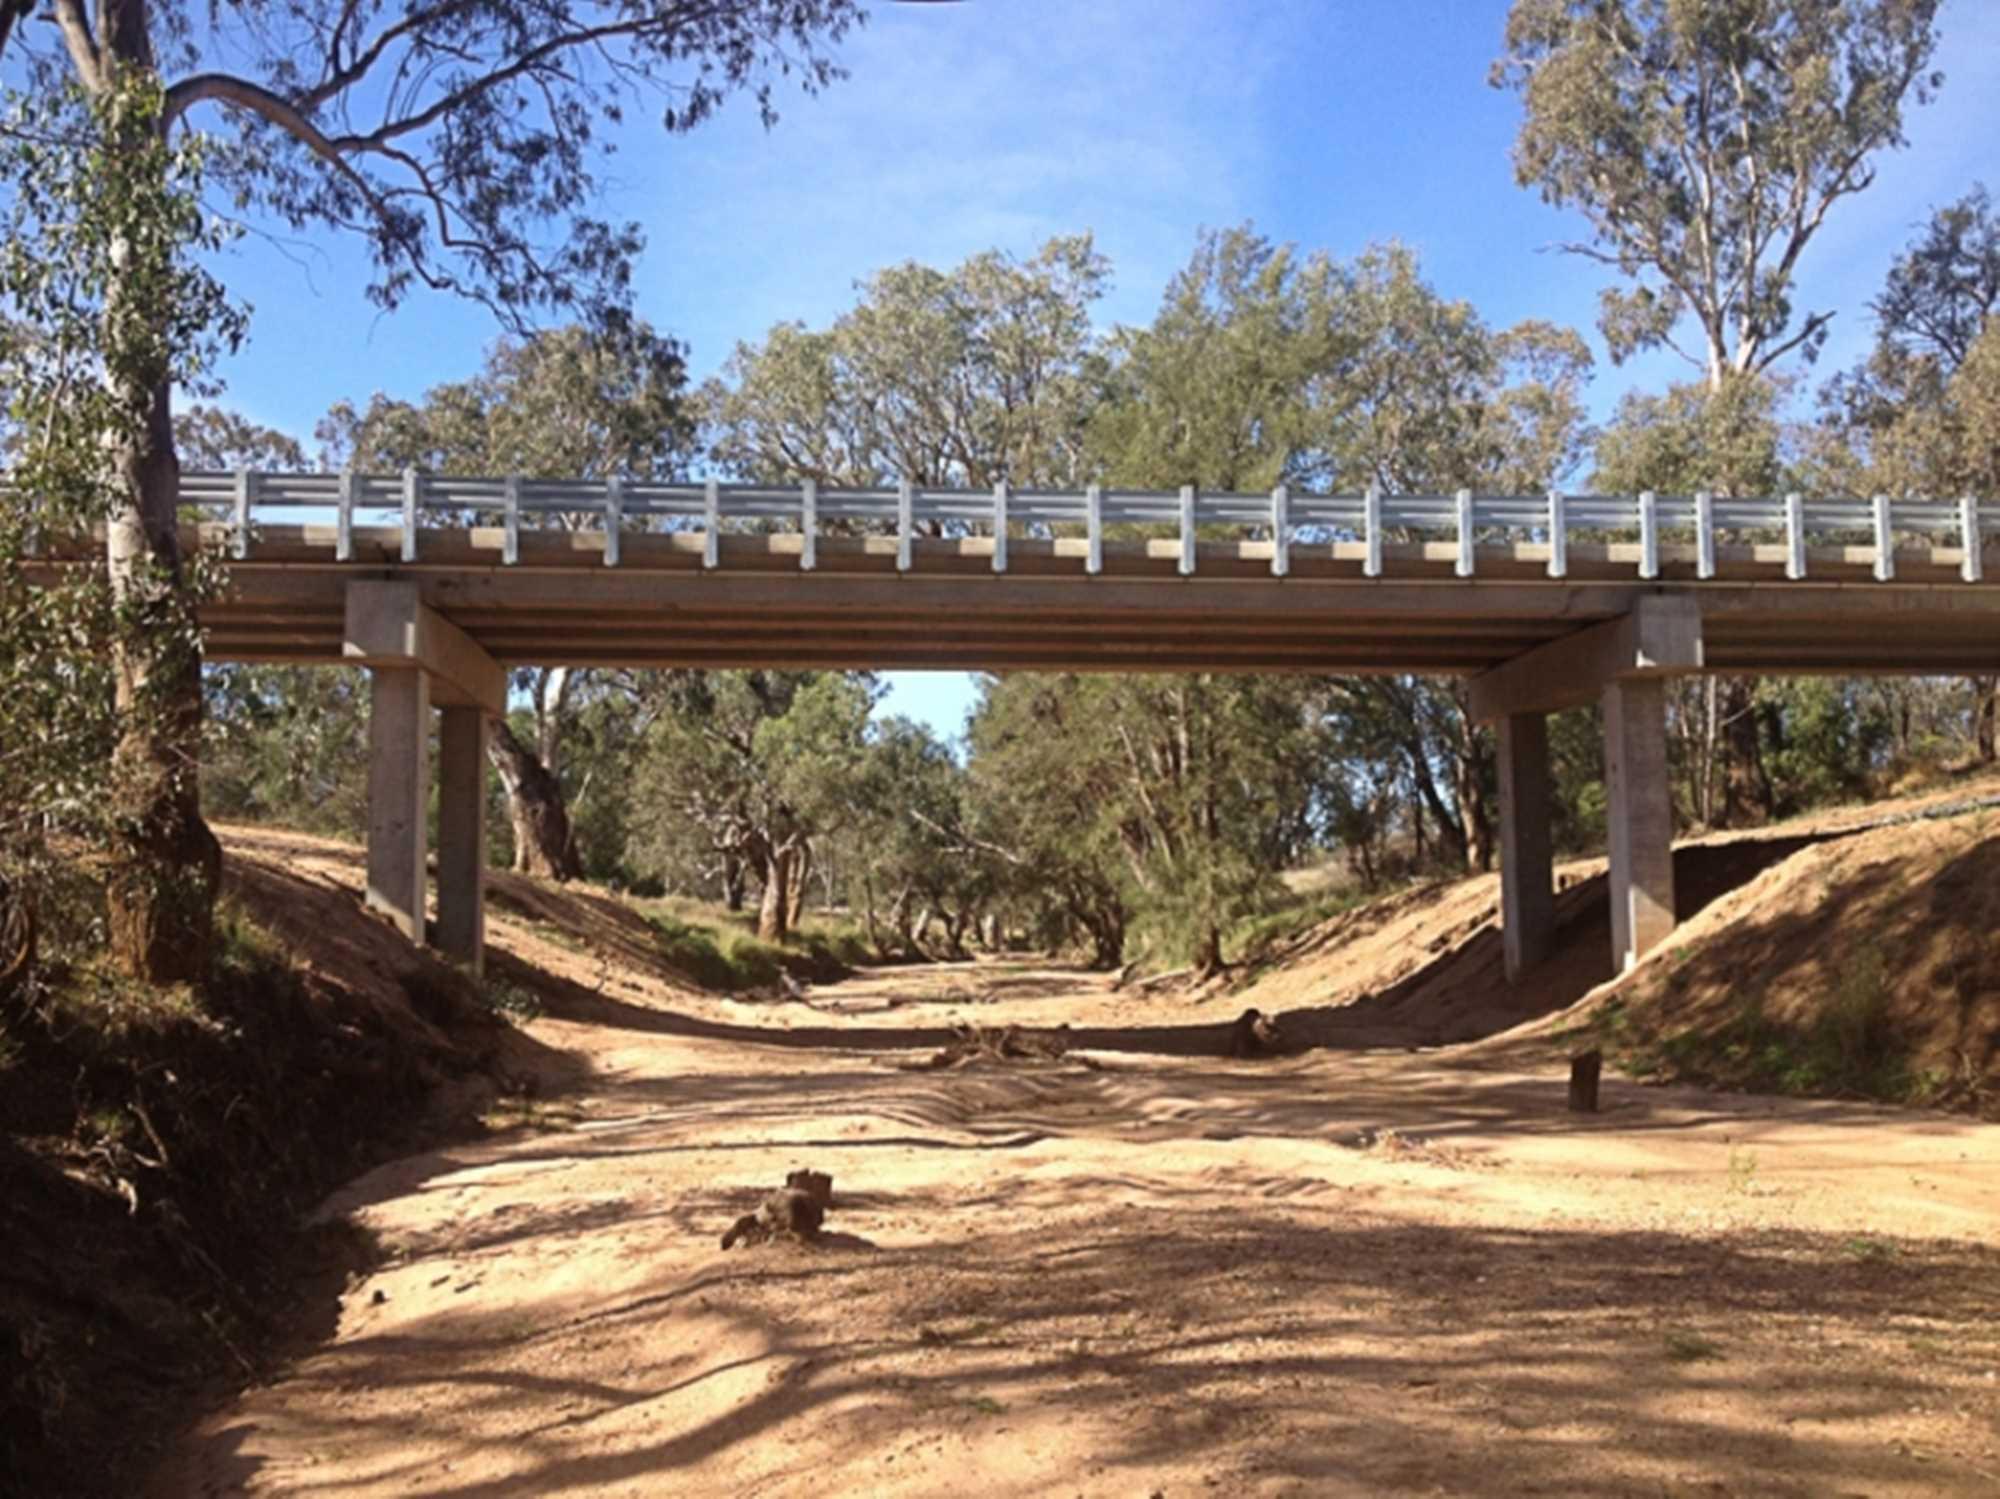 Terrabile Creek Bridge